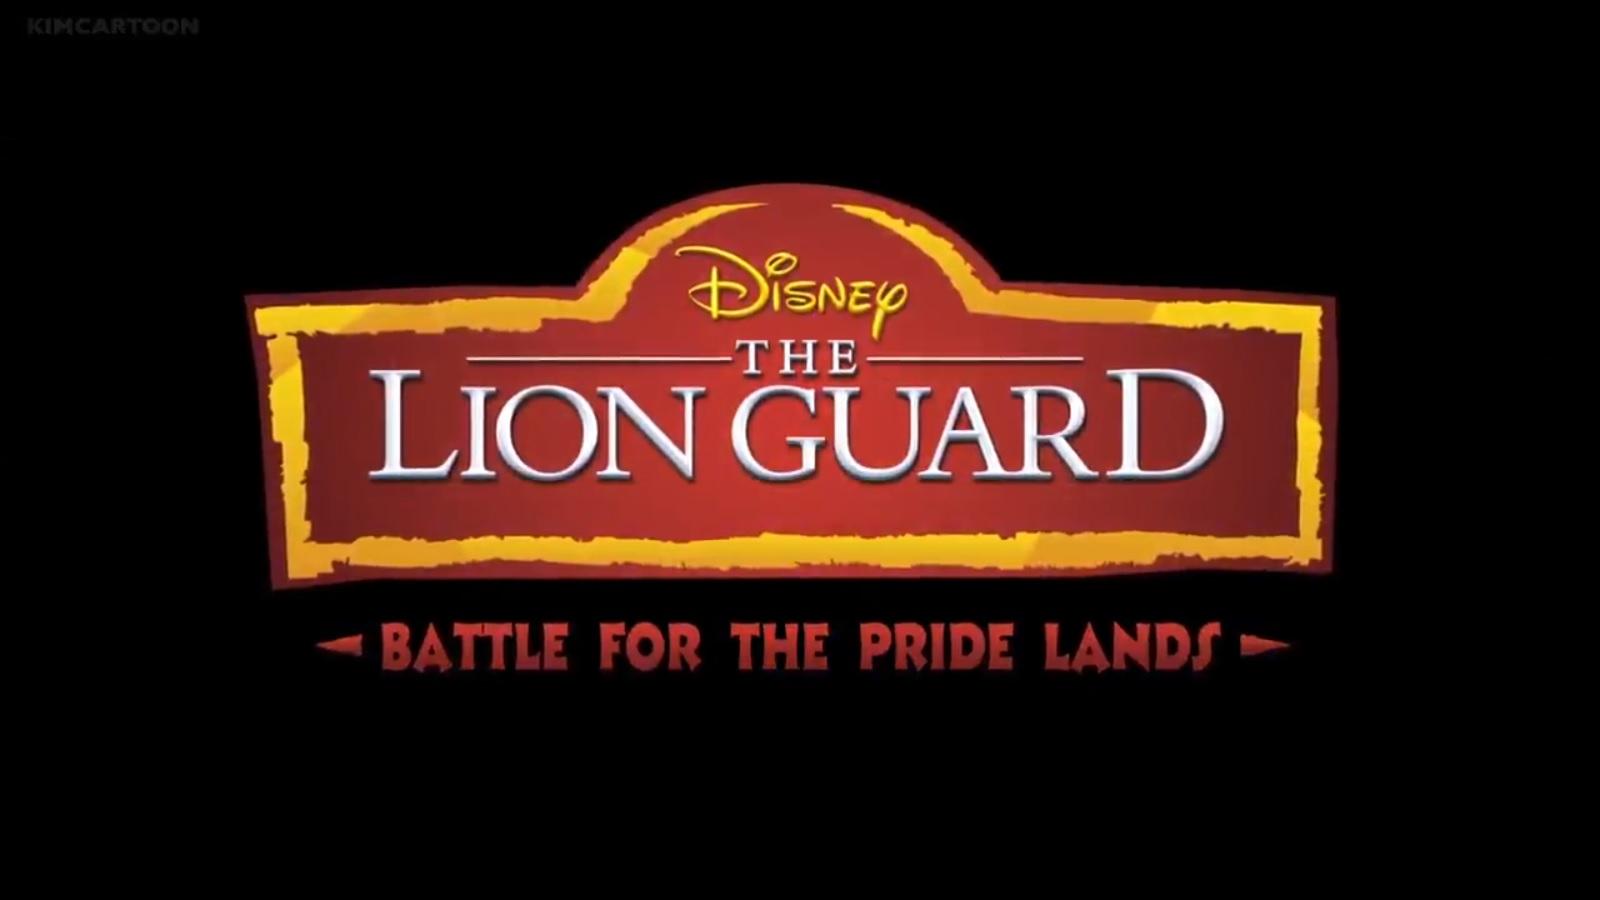 A Batalha pelas Terras do Reino